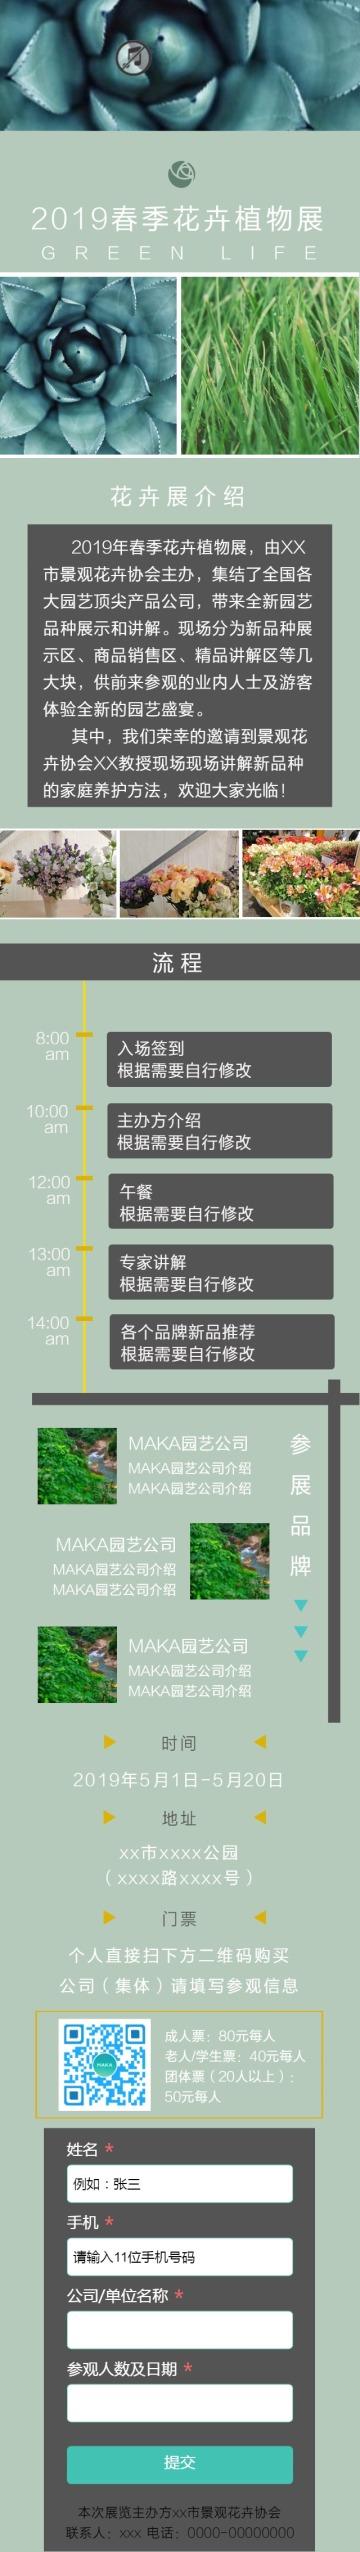 春季绿色清新花展花卉节宣传单页